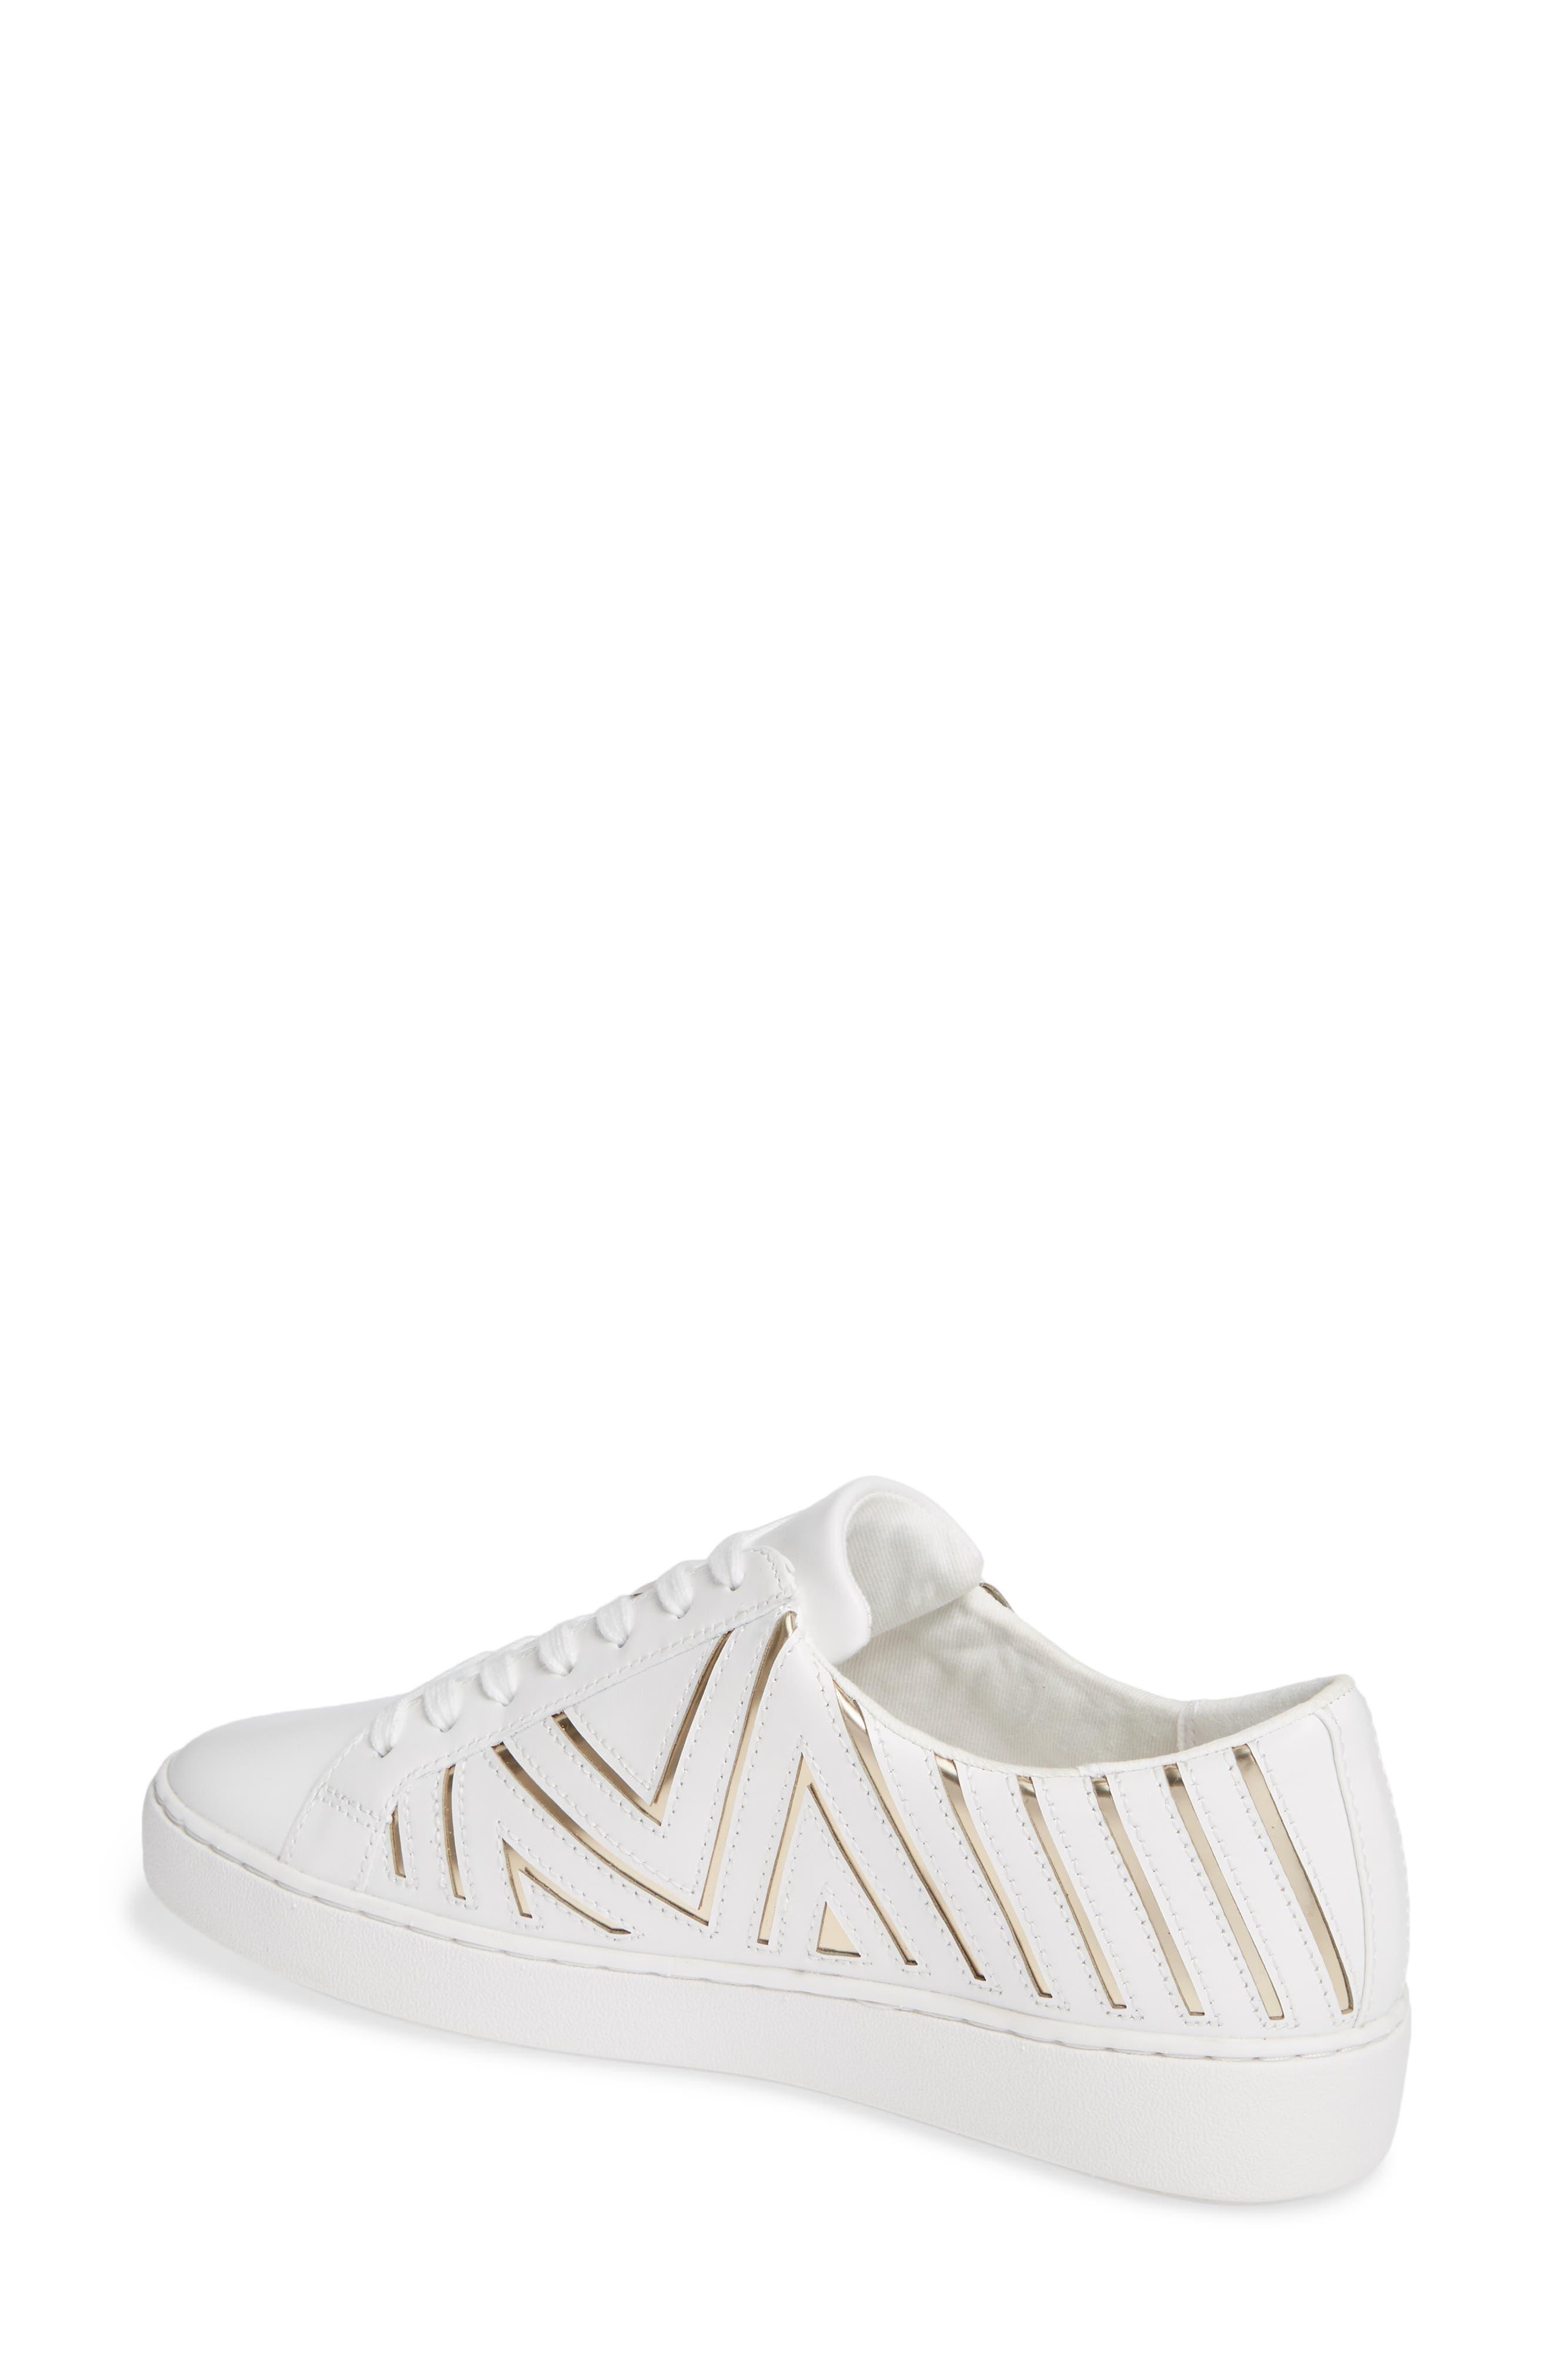 MICHAEL MICHAEL KORS,                             Whitney Sneaker,                             Alternate thumbnail 2, color,                             100